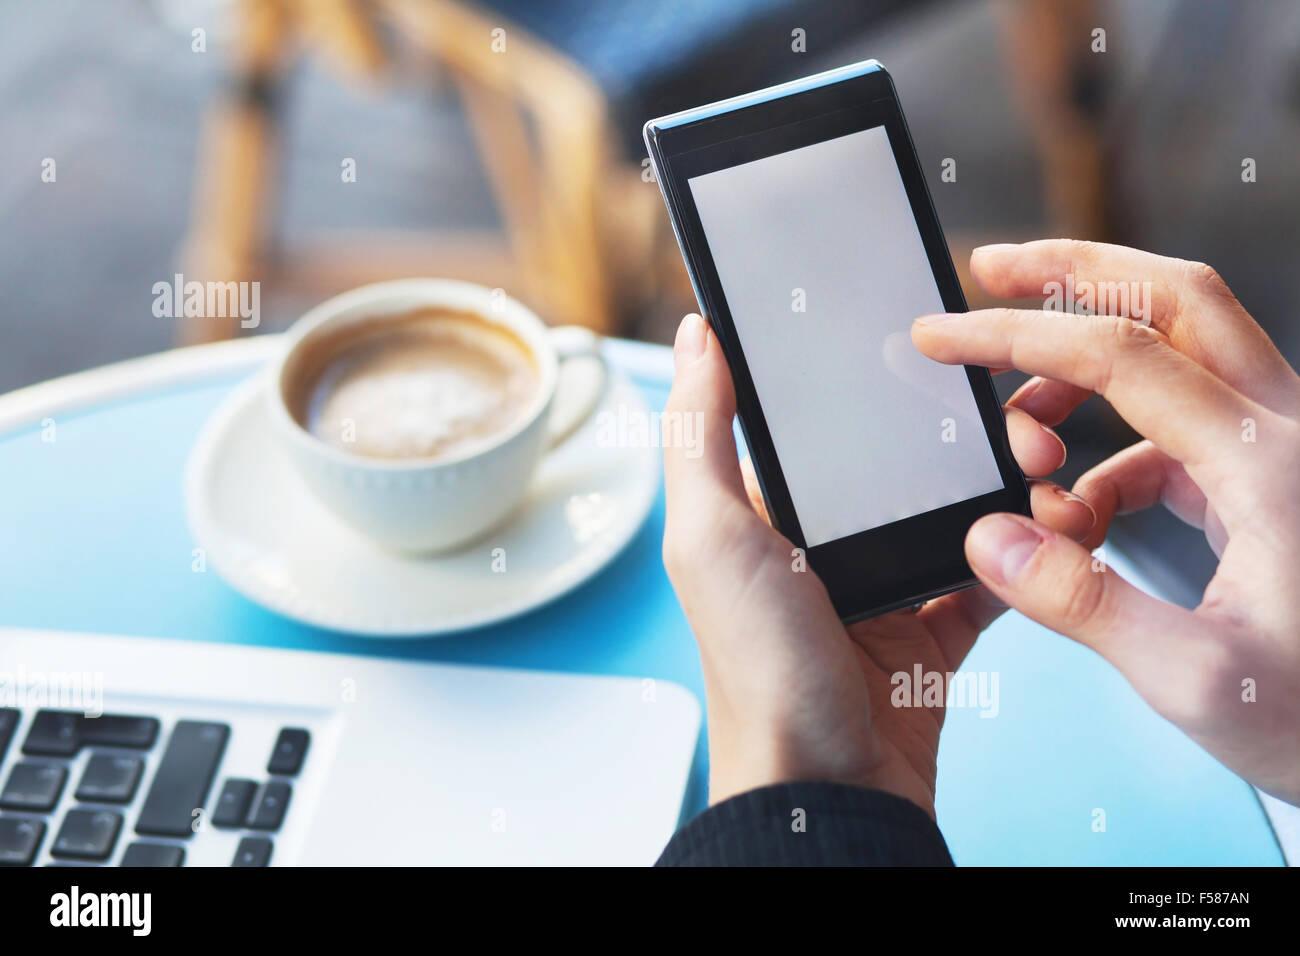 Manos con el teléfono inteligente y la taza de café Imagen De Stock